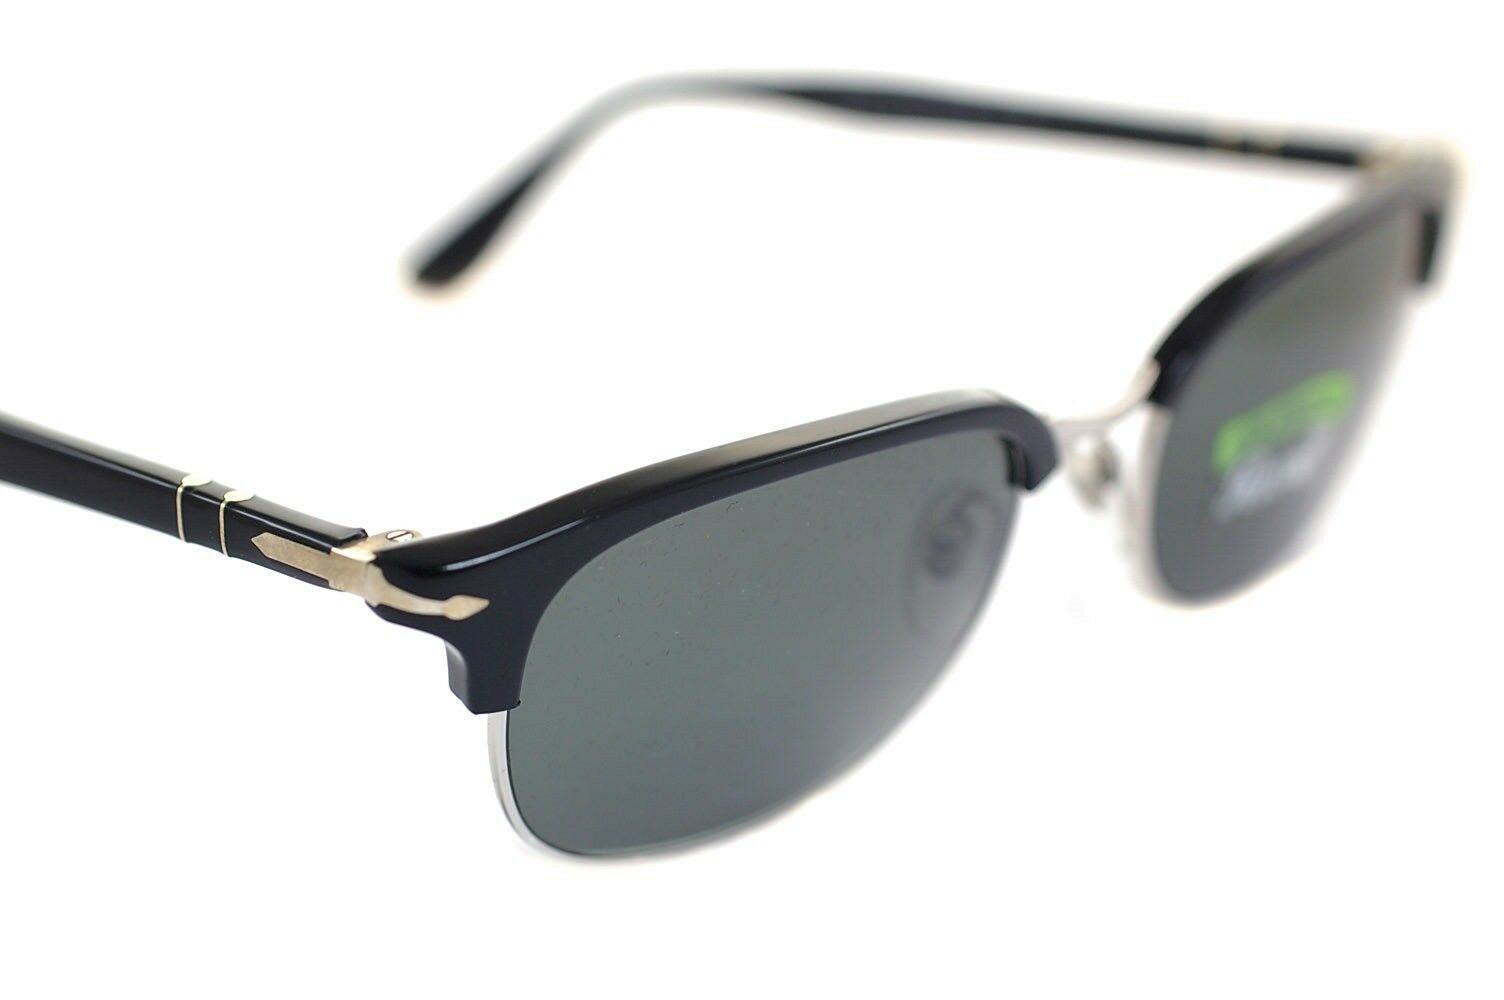 21f75982baa92 Persol CELLOR Series Polarized Po8139 95 58 55mm Mens Sunglasses ...